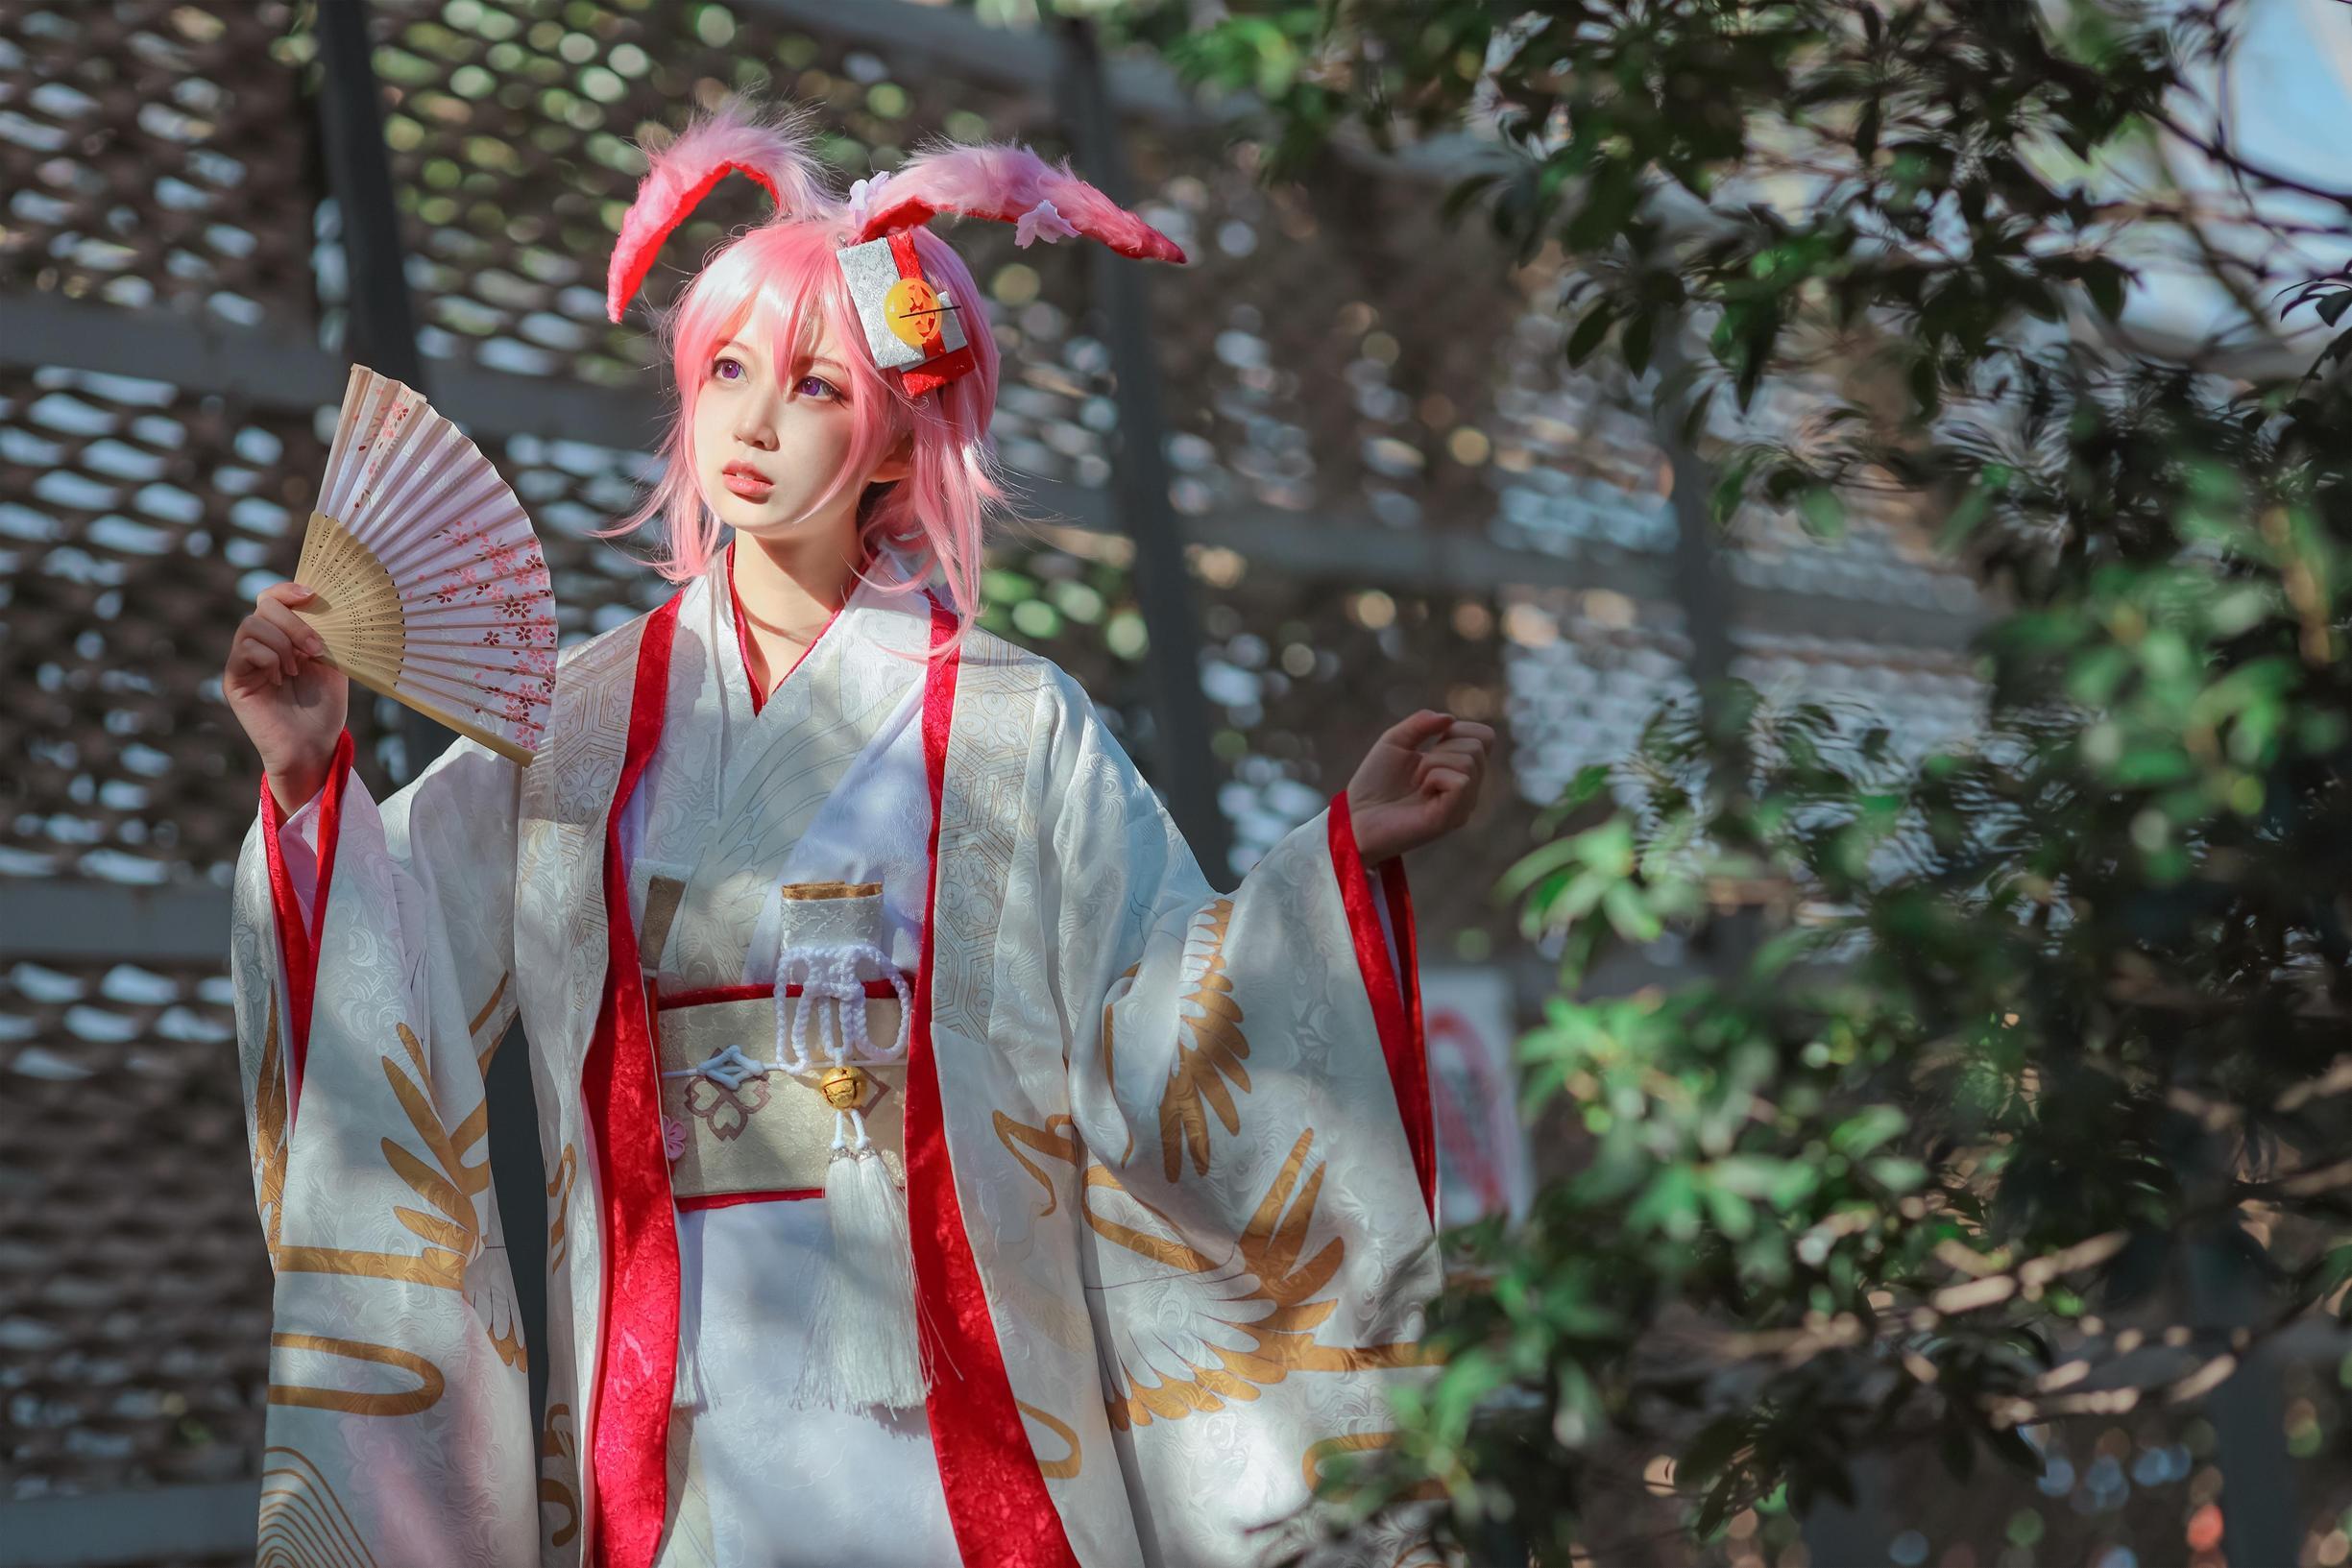 《八重樱》大赛cosplay【CN:KOI很好喝嘎嘎】-第1张